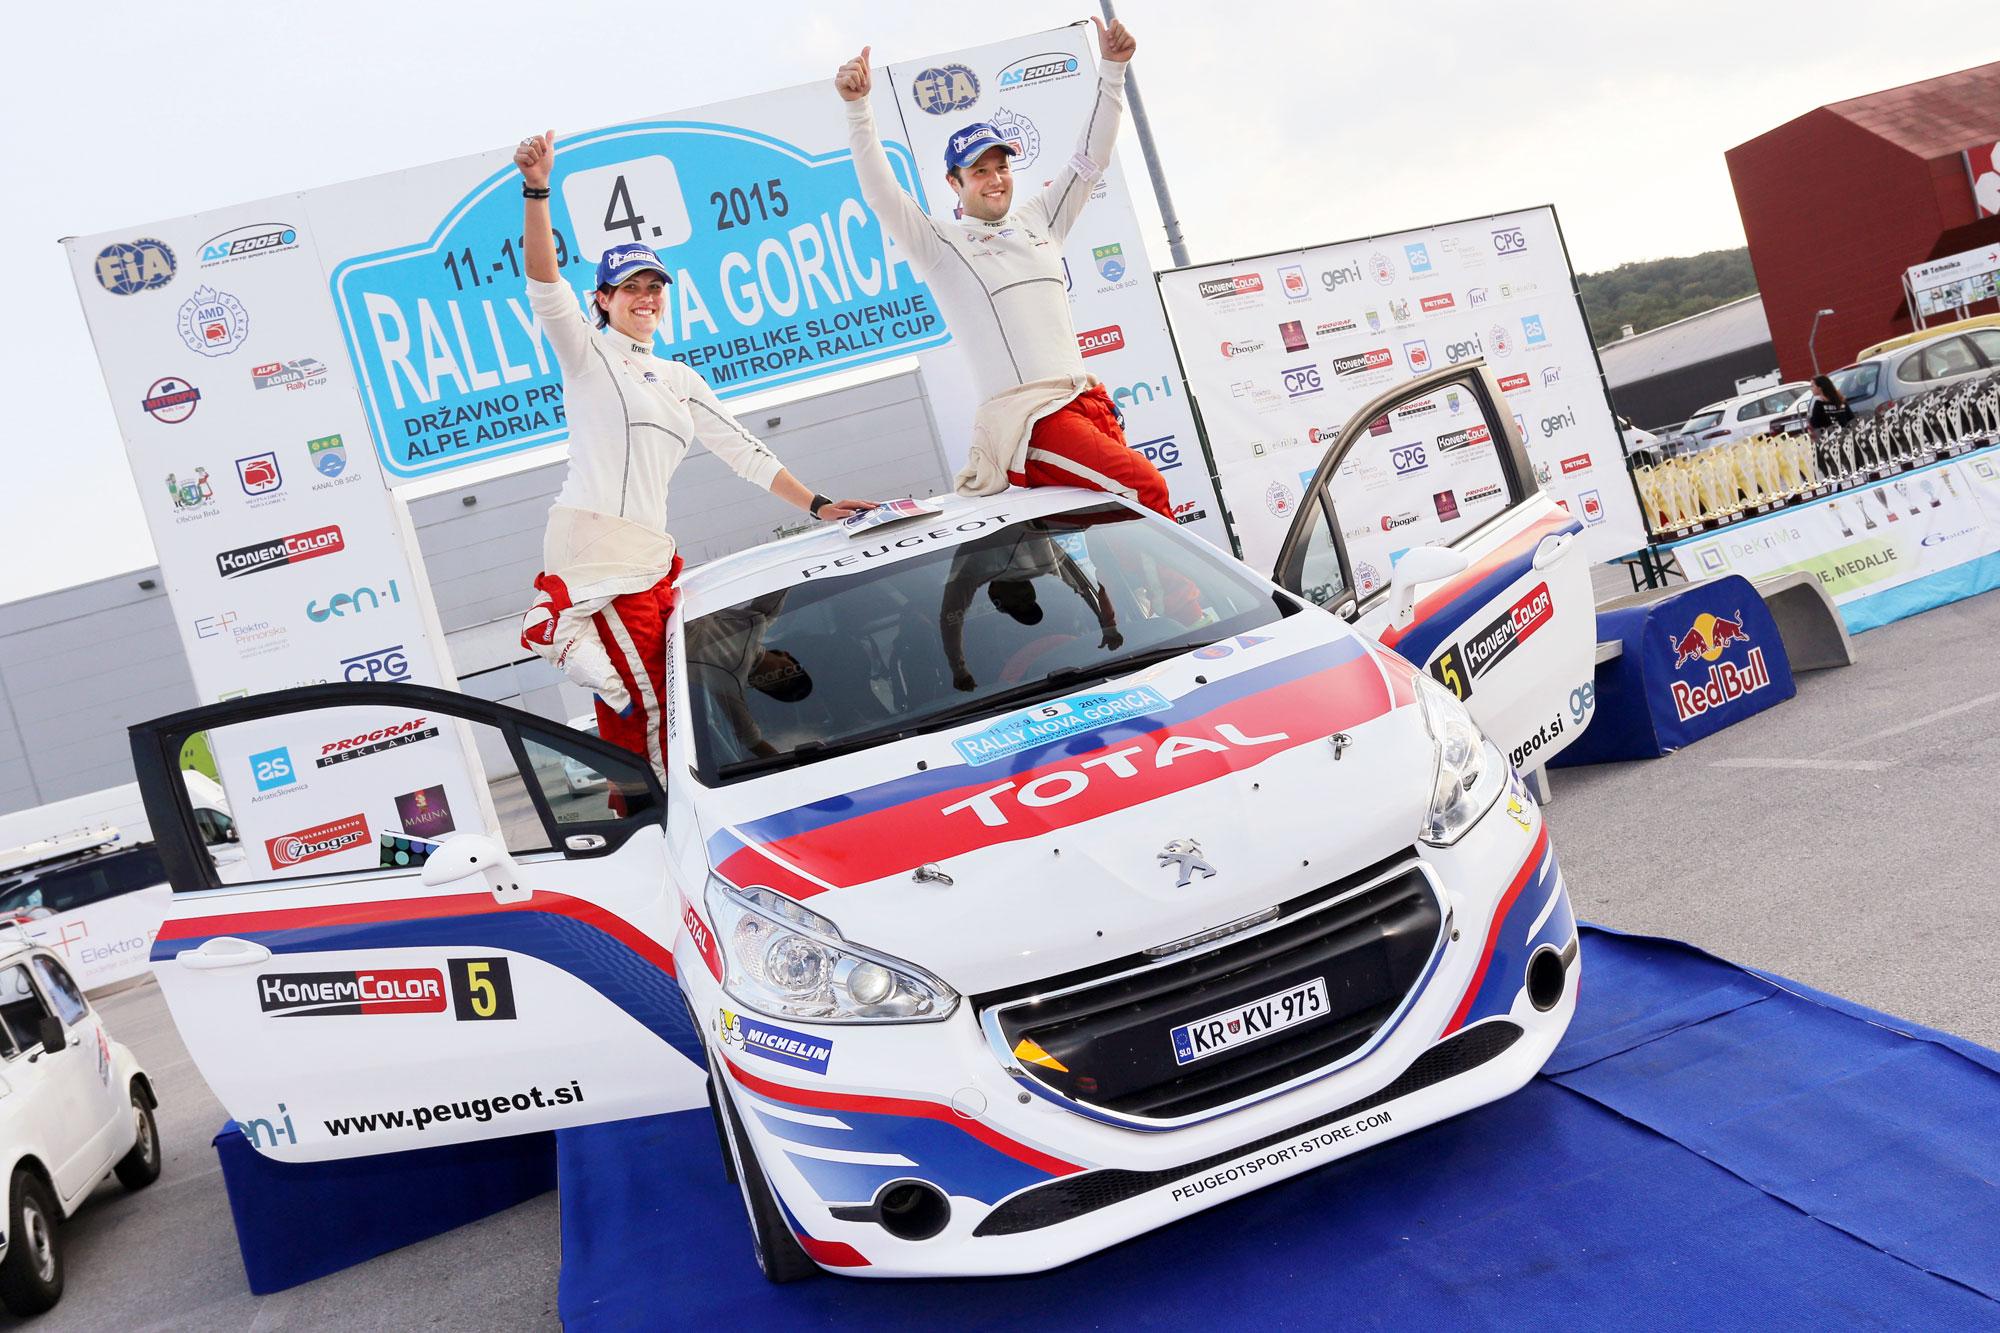 Zmaga na rallyju Nova Gorica za Roka Turka in Peugeot 208 R2